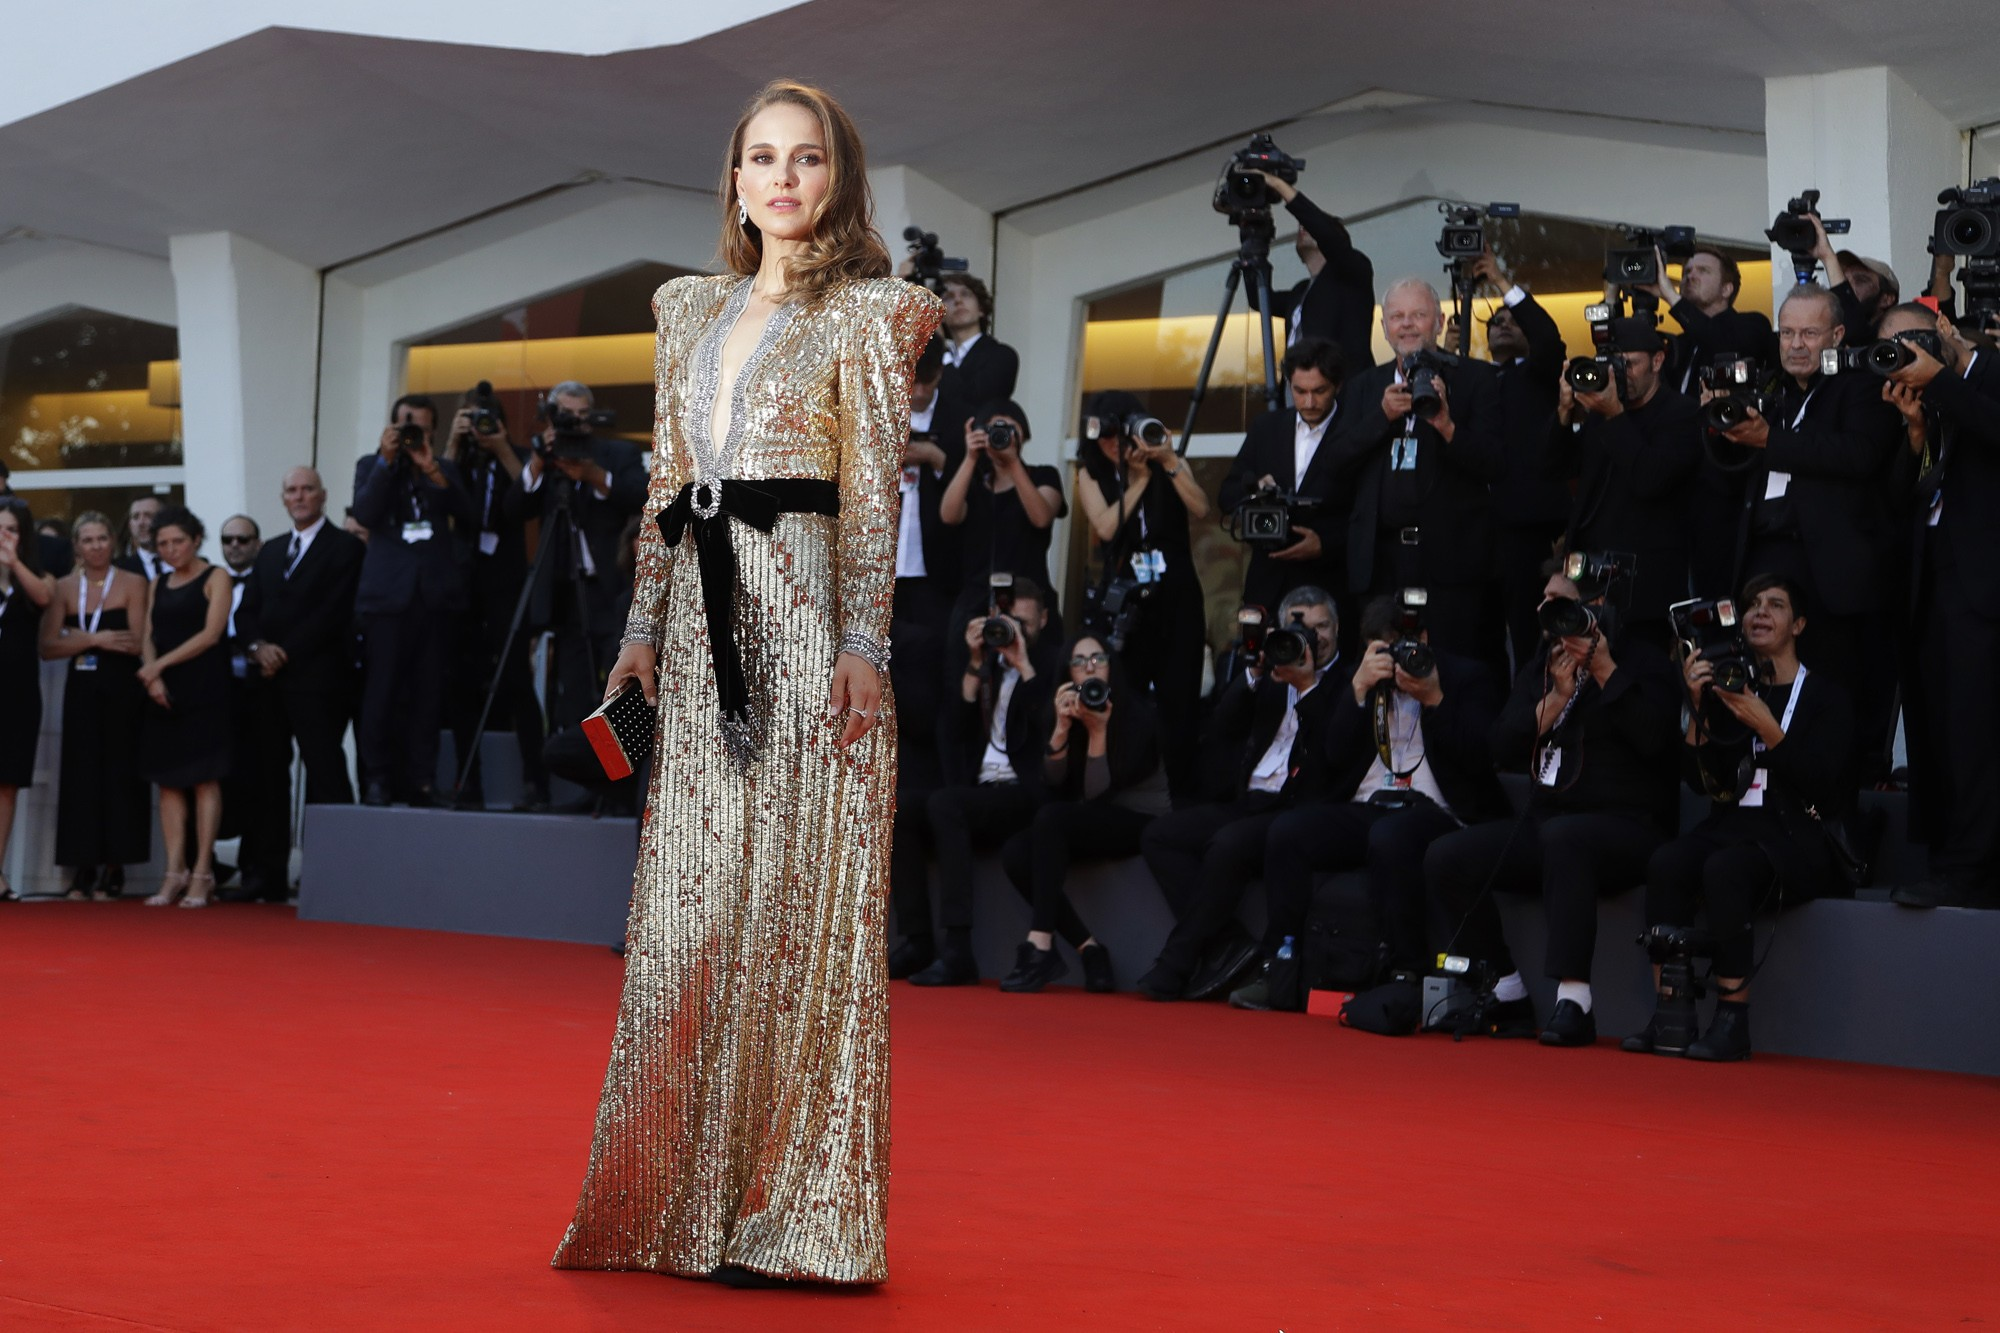 Natalie Portman nega relato de Moby sobre namoro: 'Era um cara muito mais velho sendo esquisito comigo' - Noticias